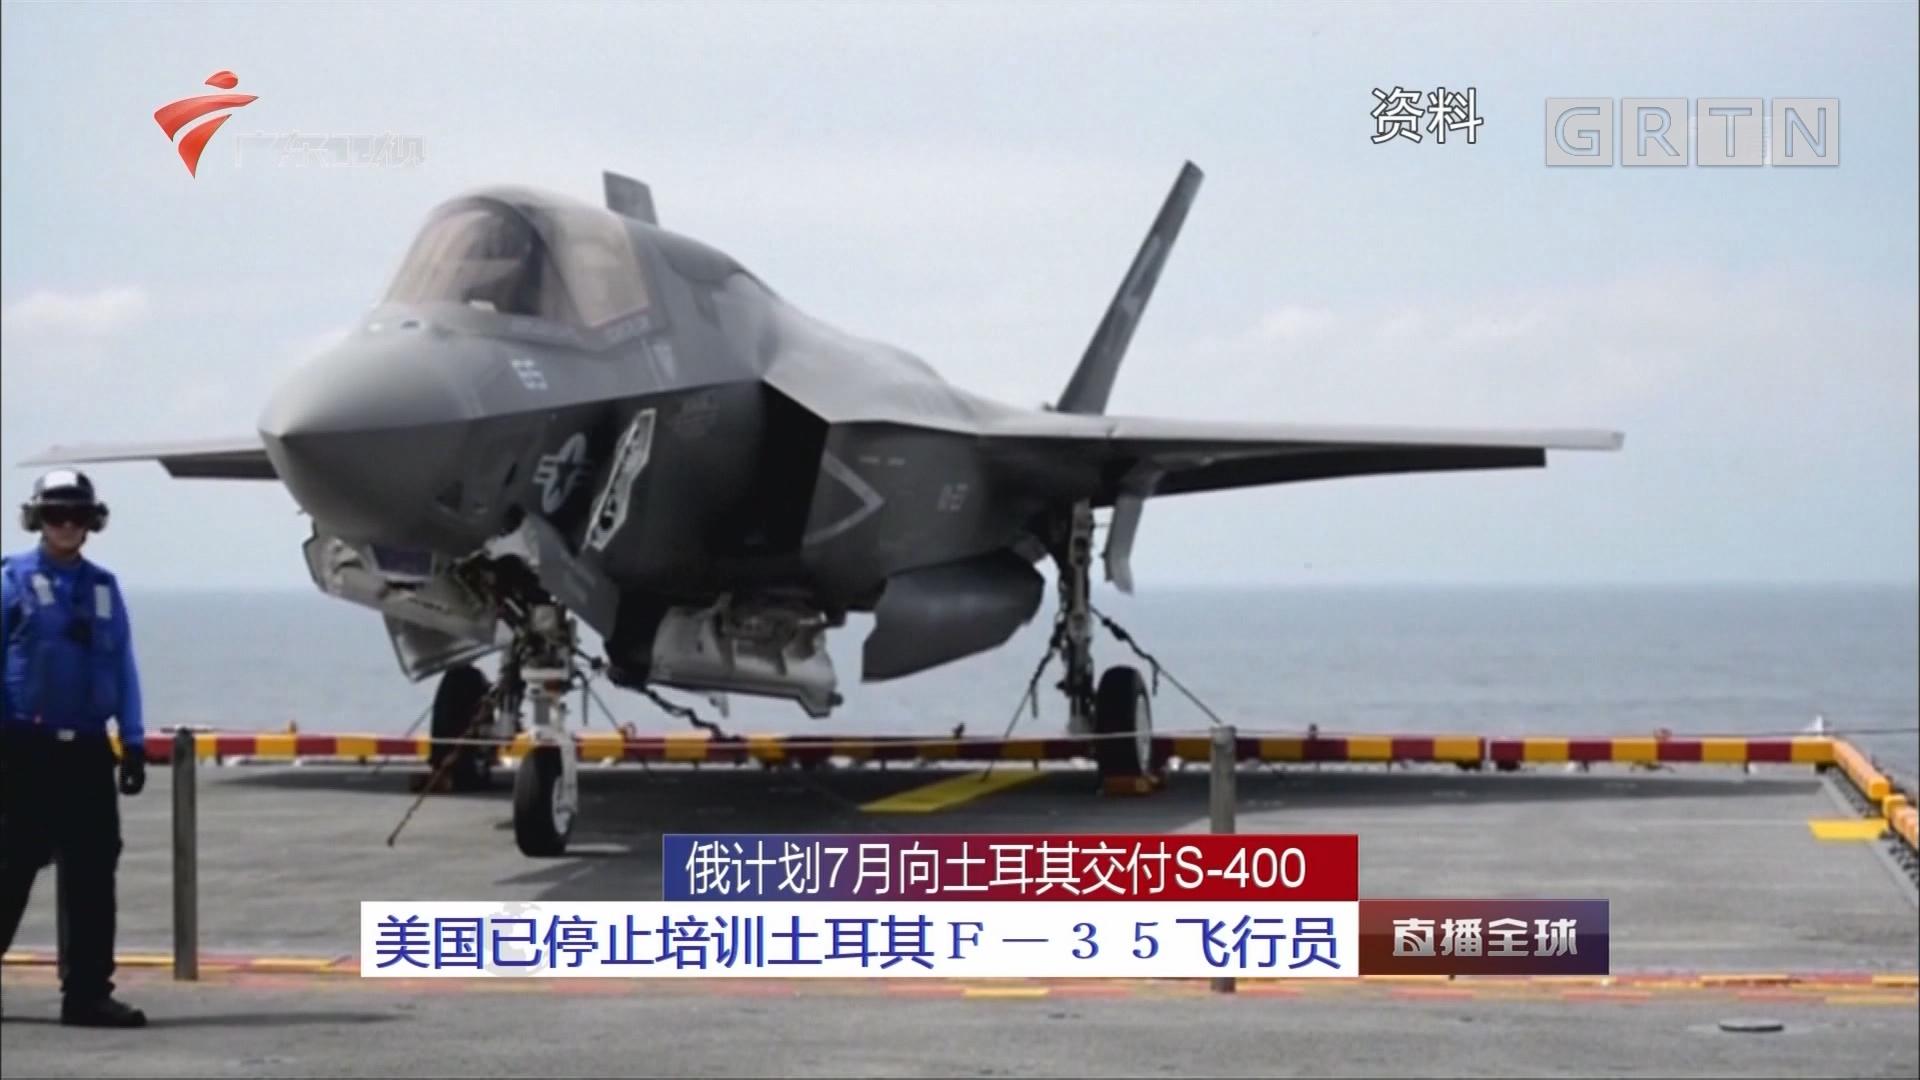 俄计划7月向土耳其交付S-400 美国已停止培训土耳其F-35飞行员